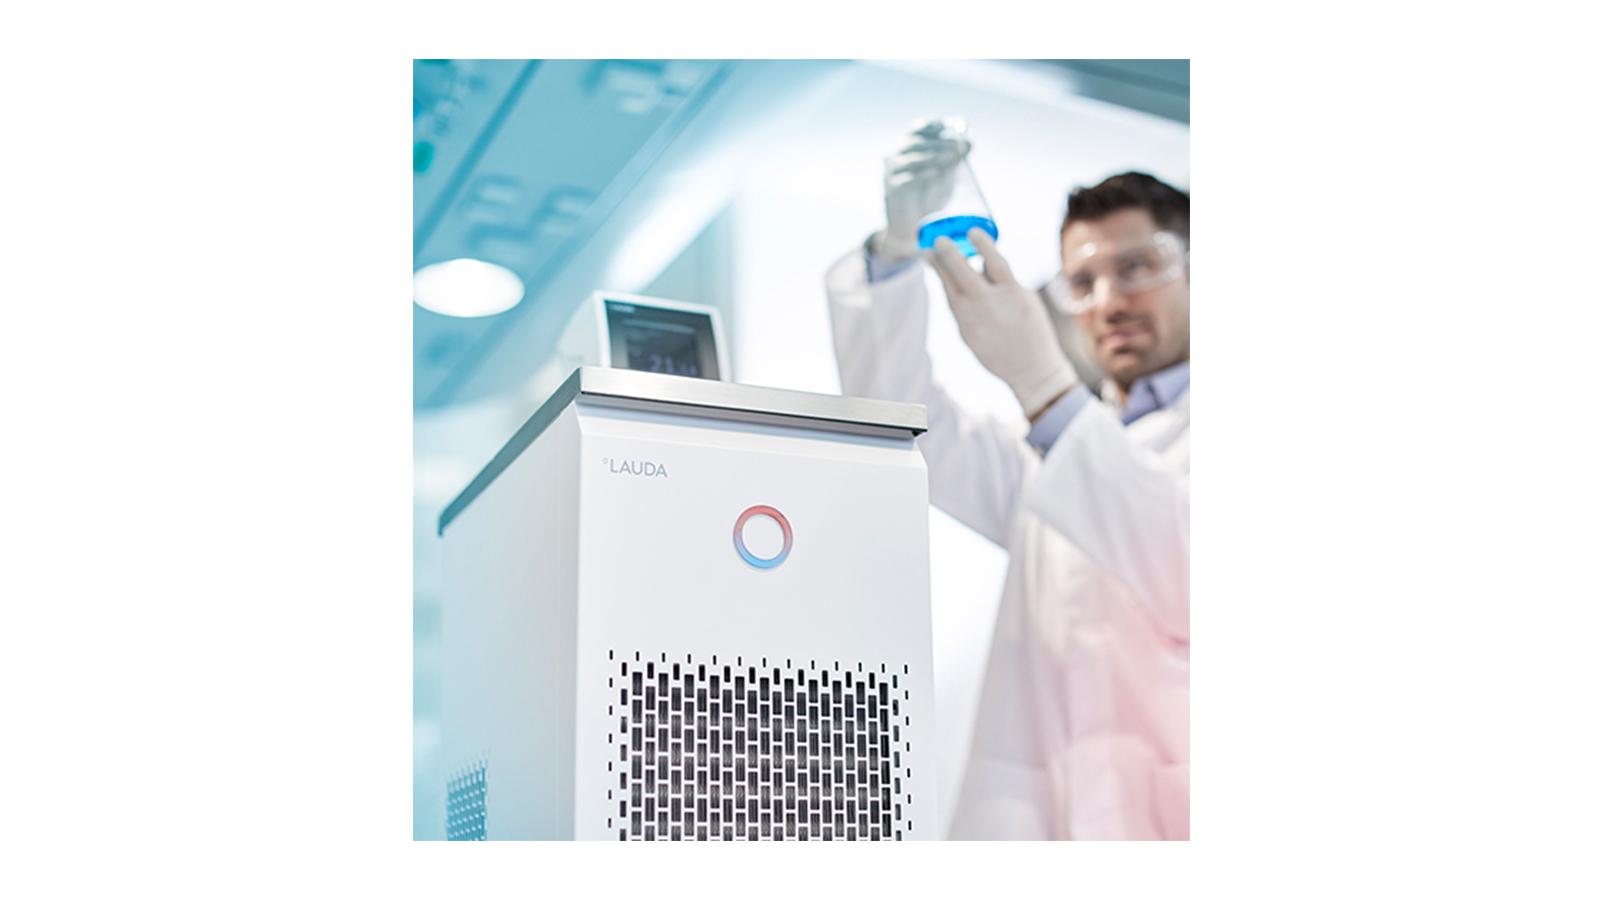 ECO Soğutmalı Sirkülasyon Banyoları    Merlab Laboratuvar Ekipmanları